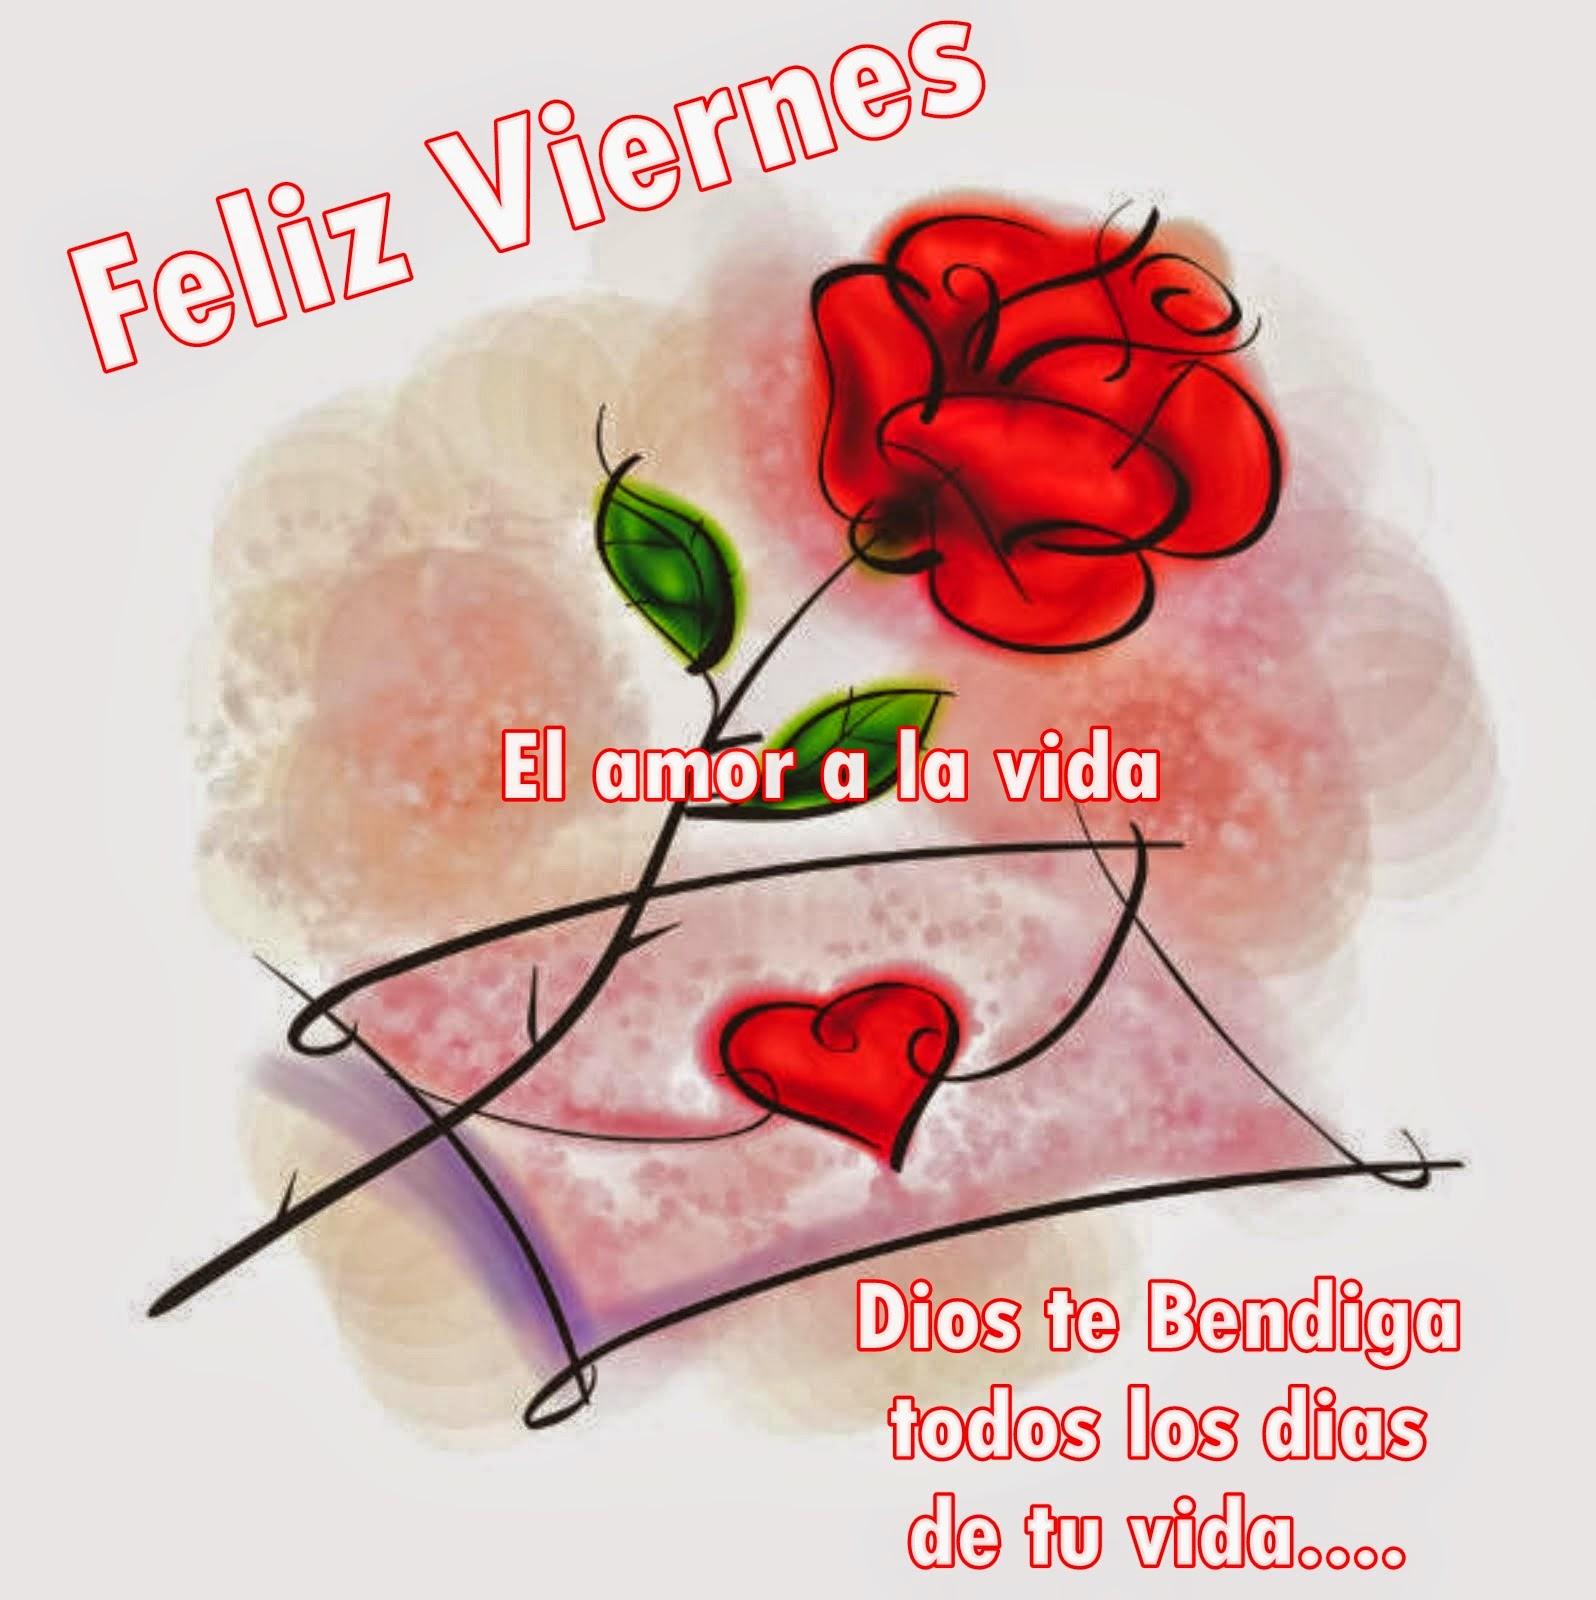 Imagenes con frases de feliz Viernes feliz viernes amor mensajes de feliz viernes